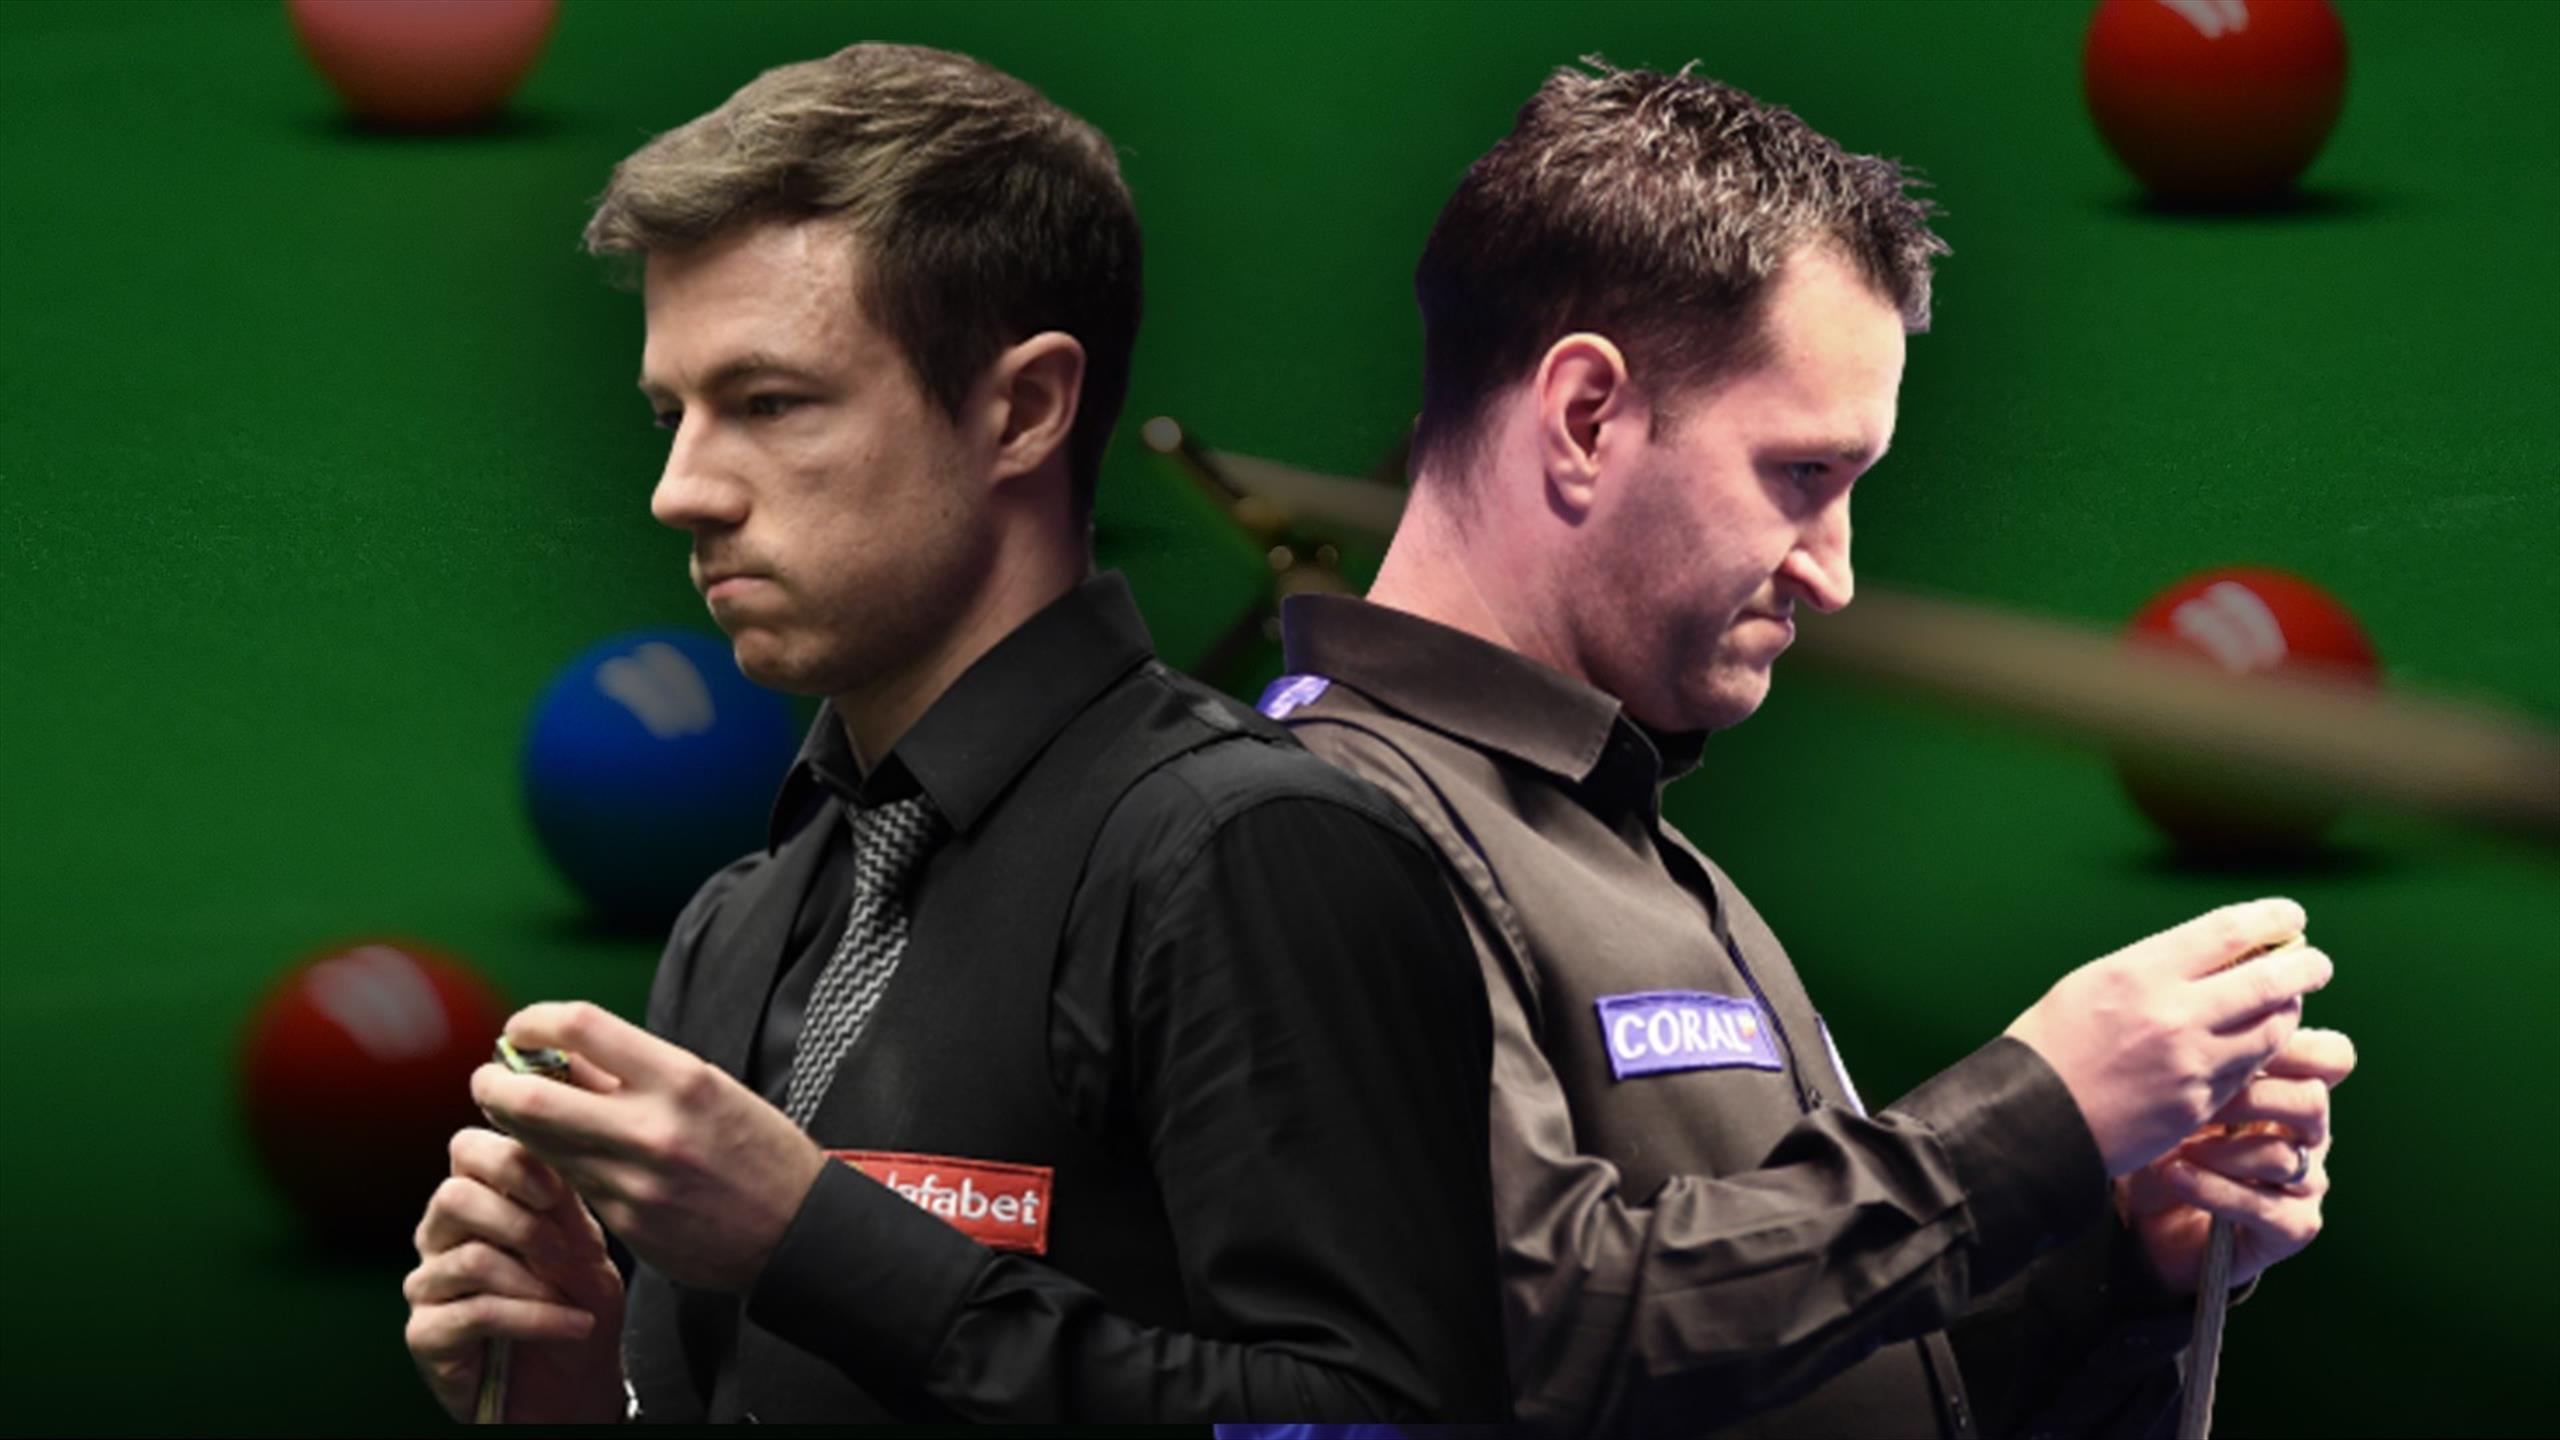 German Masters Snooker 2021 Live Judd Trump V Barry Hawkins And Tom Ford V Jack Lisowski Eurosport